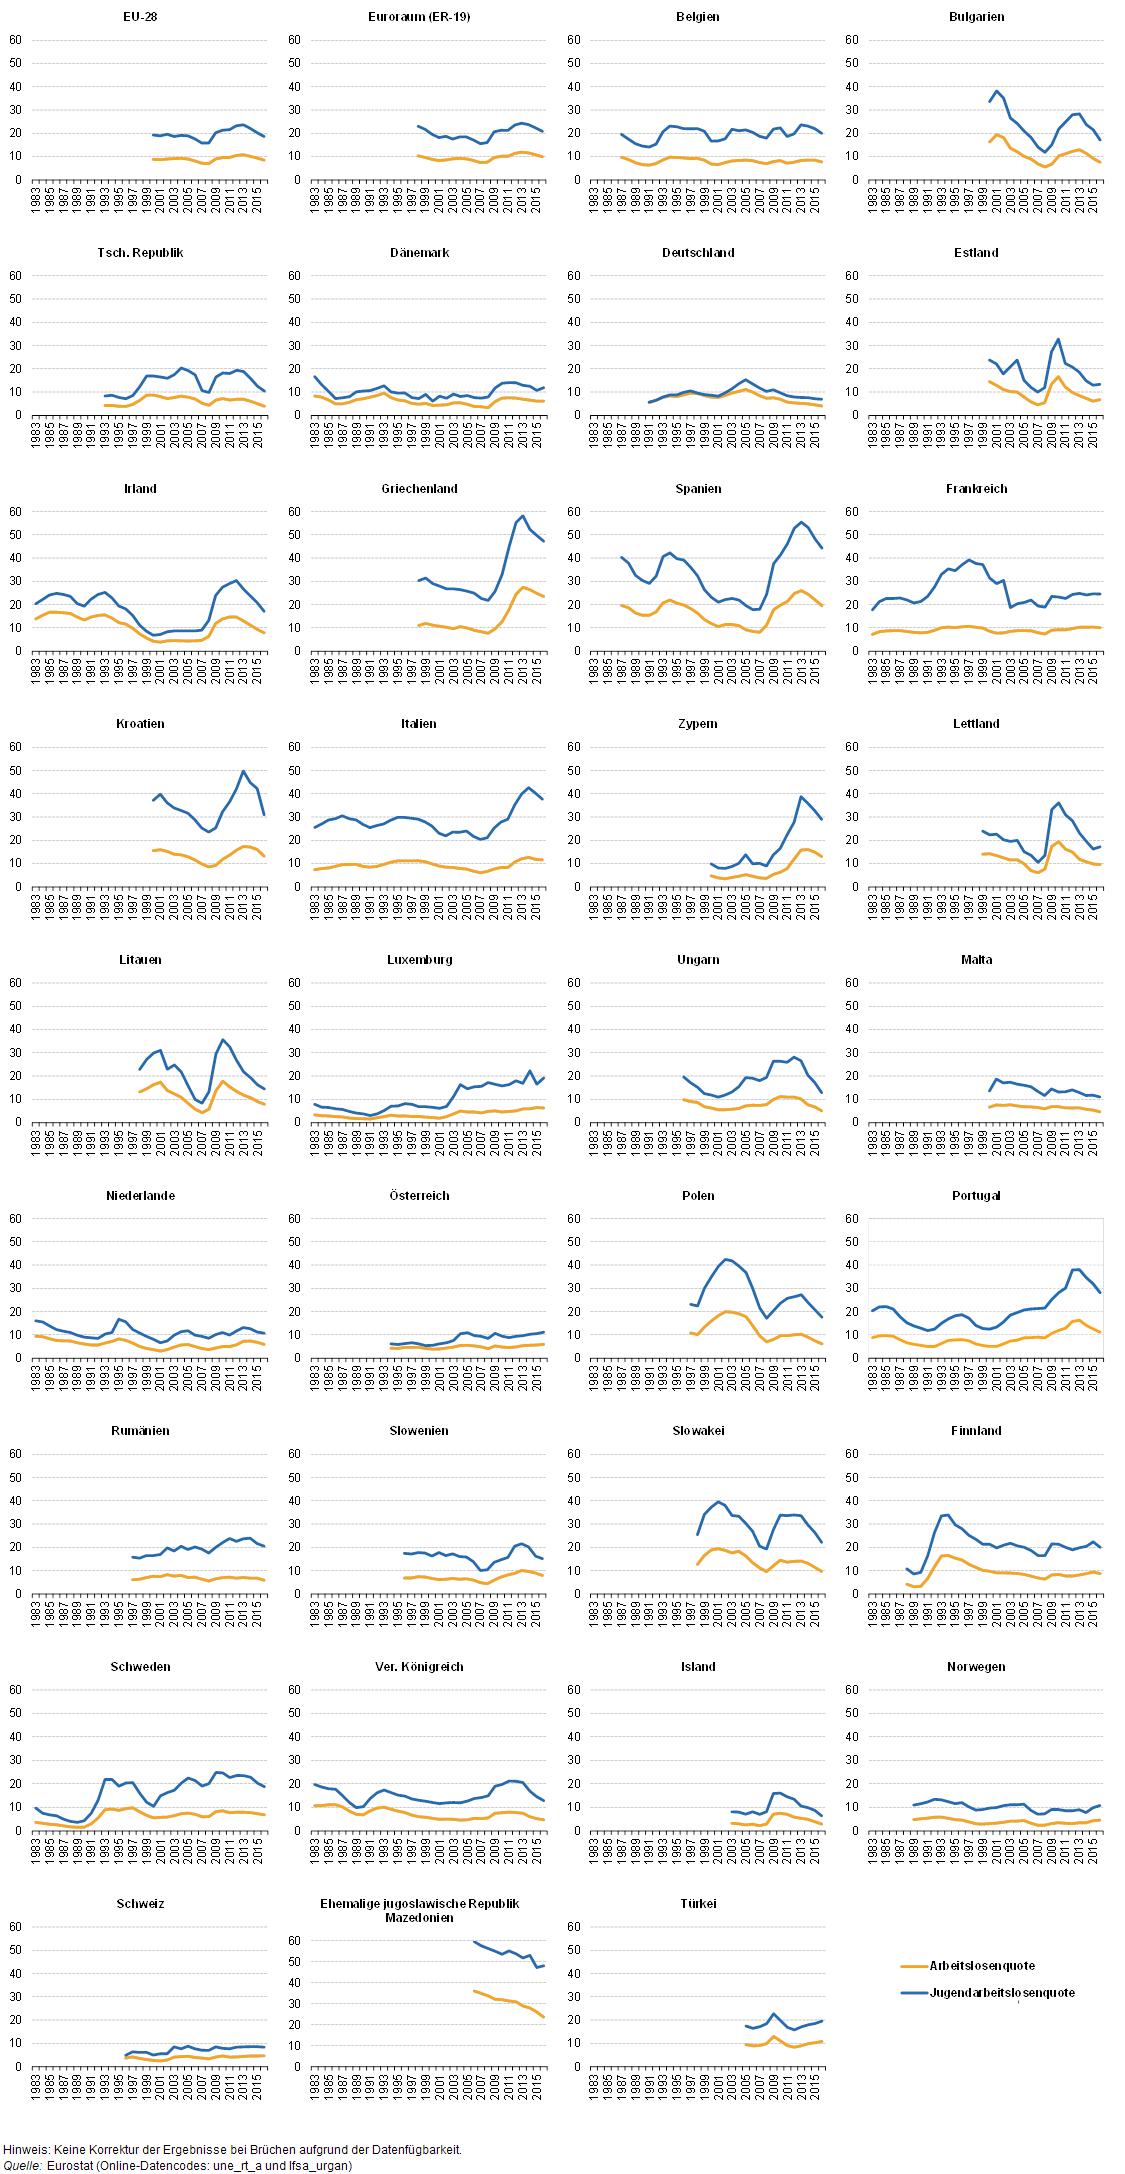 Statistiken zur Arbeitslosigkeit und mehr – Statistics Explained